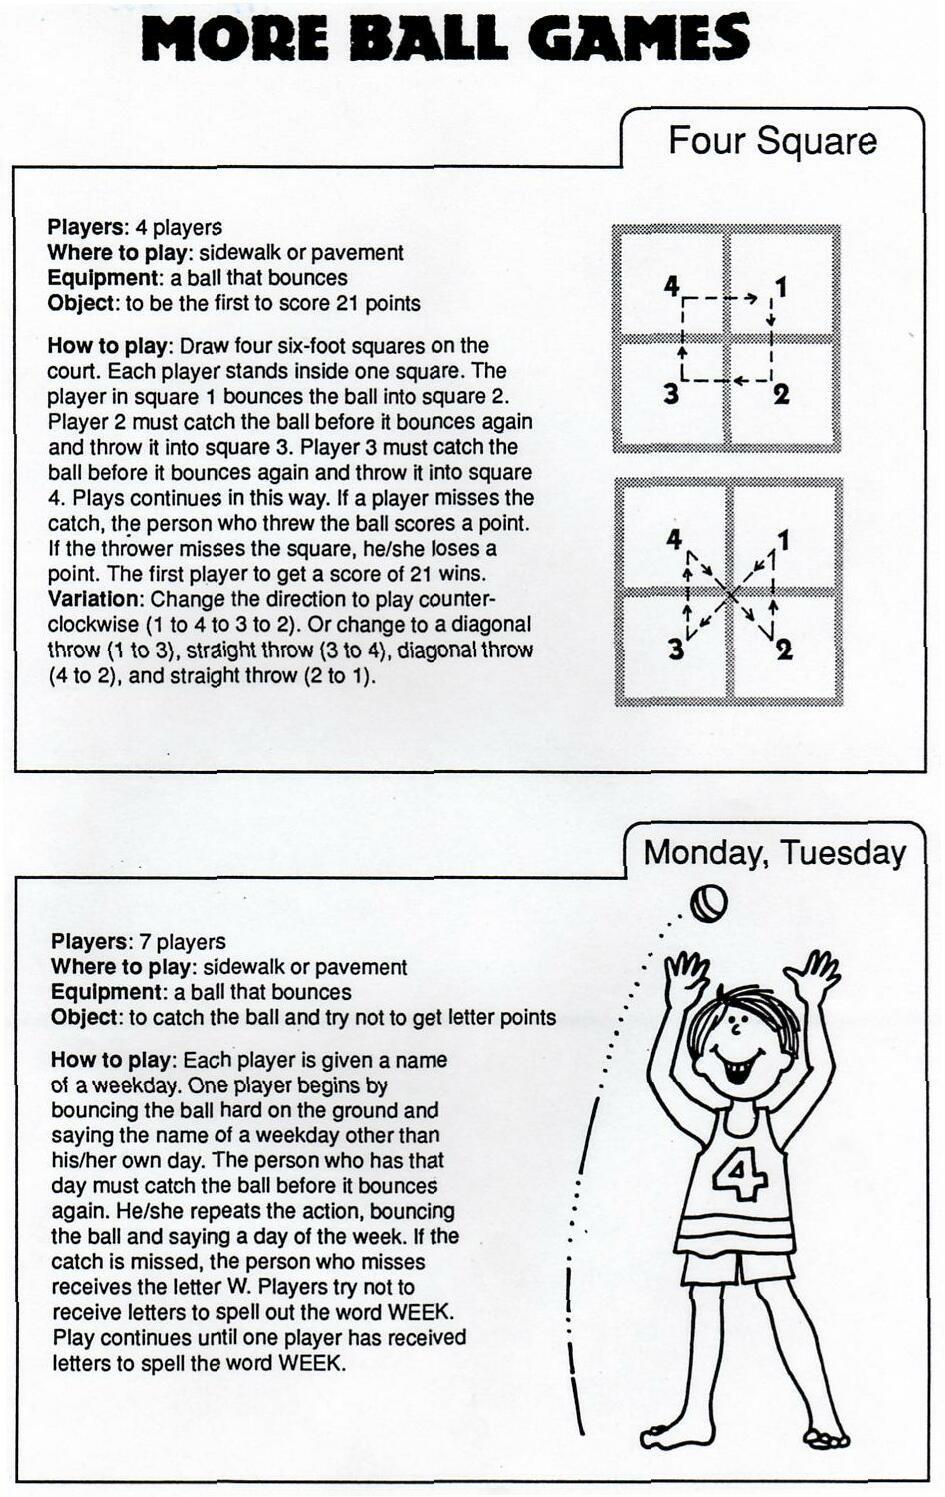 ELEMENTARY SCHOOL ENRICHMENT ACTIVITIES: May 2010